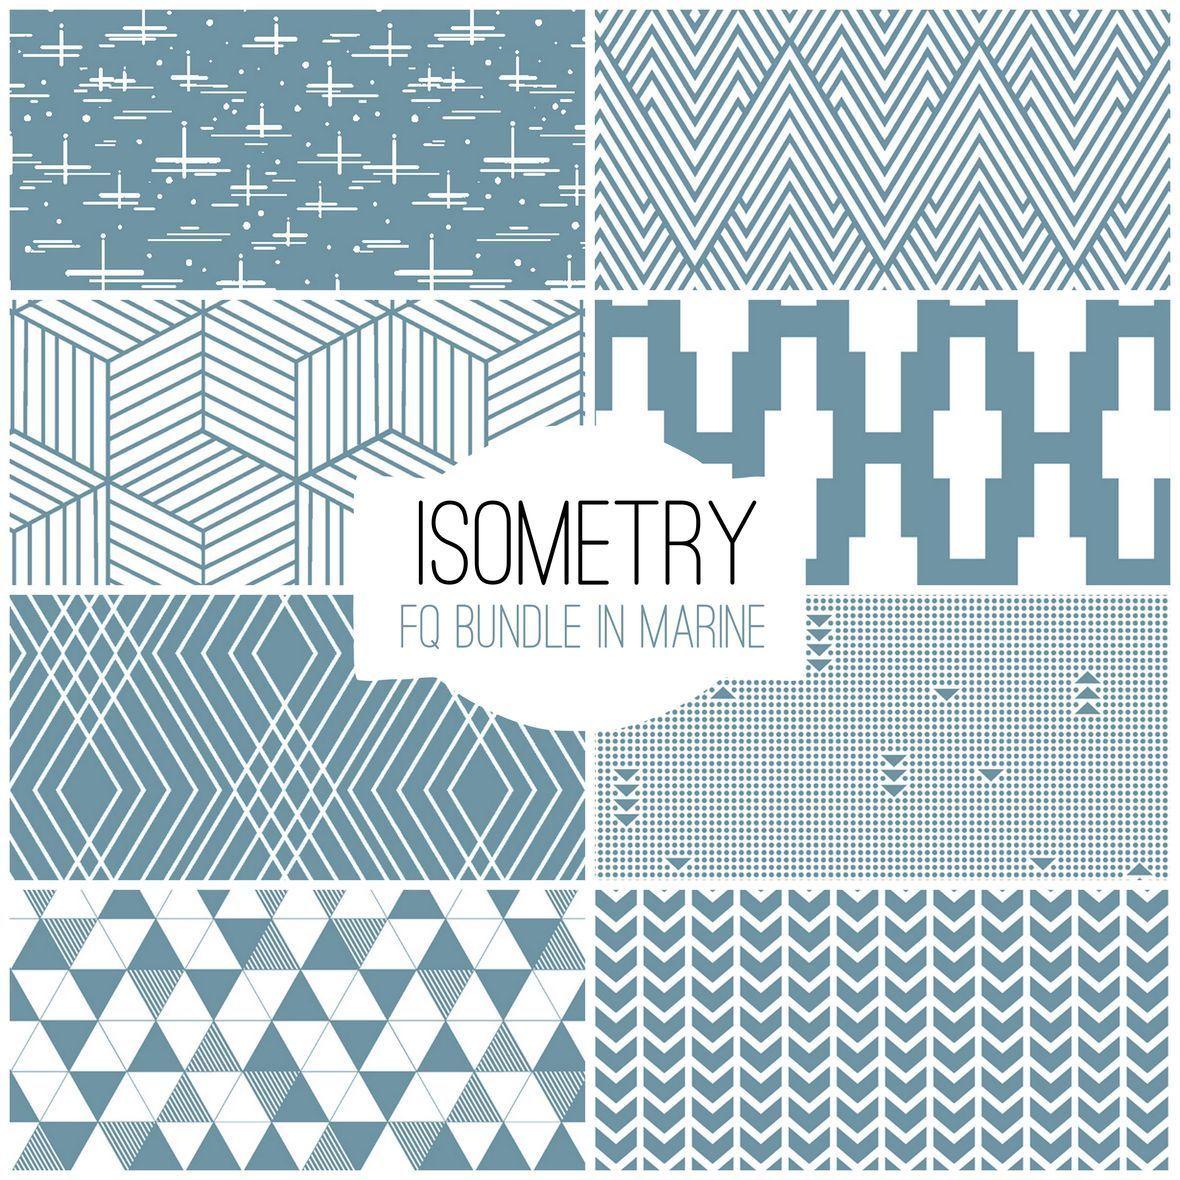 Isometry in Marine